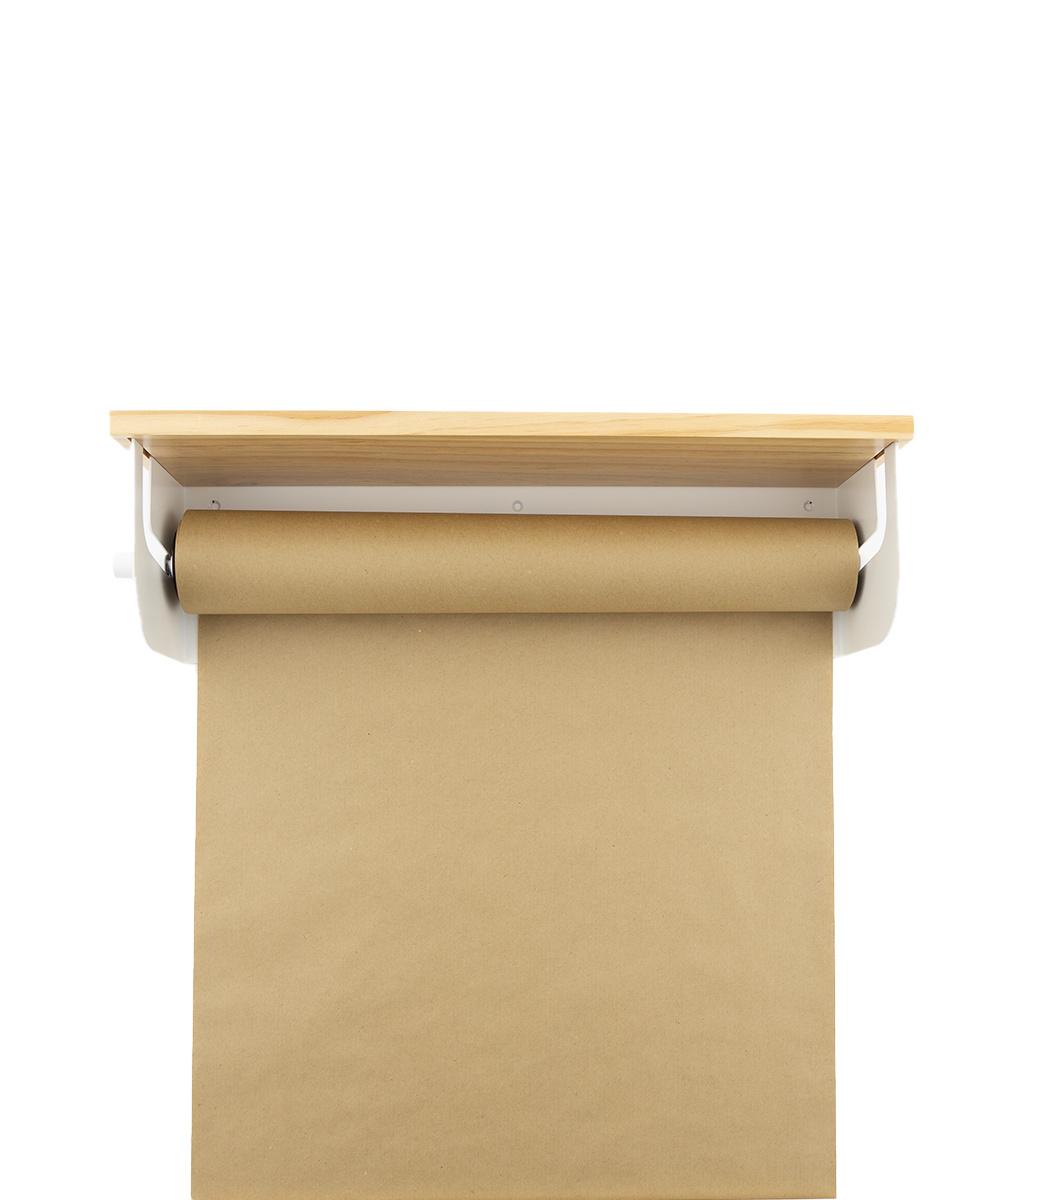 Wooden shelf - Hout-7